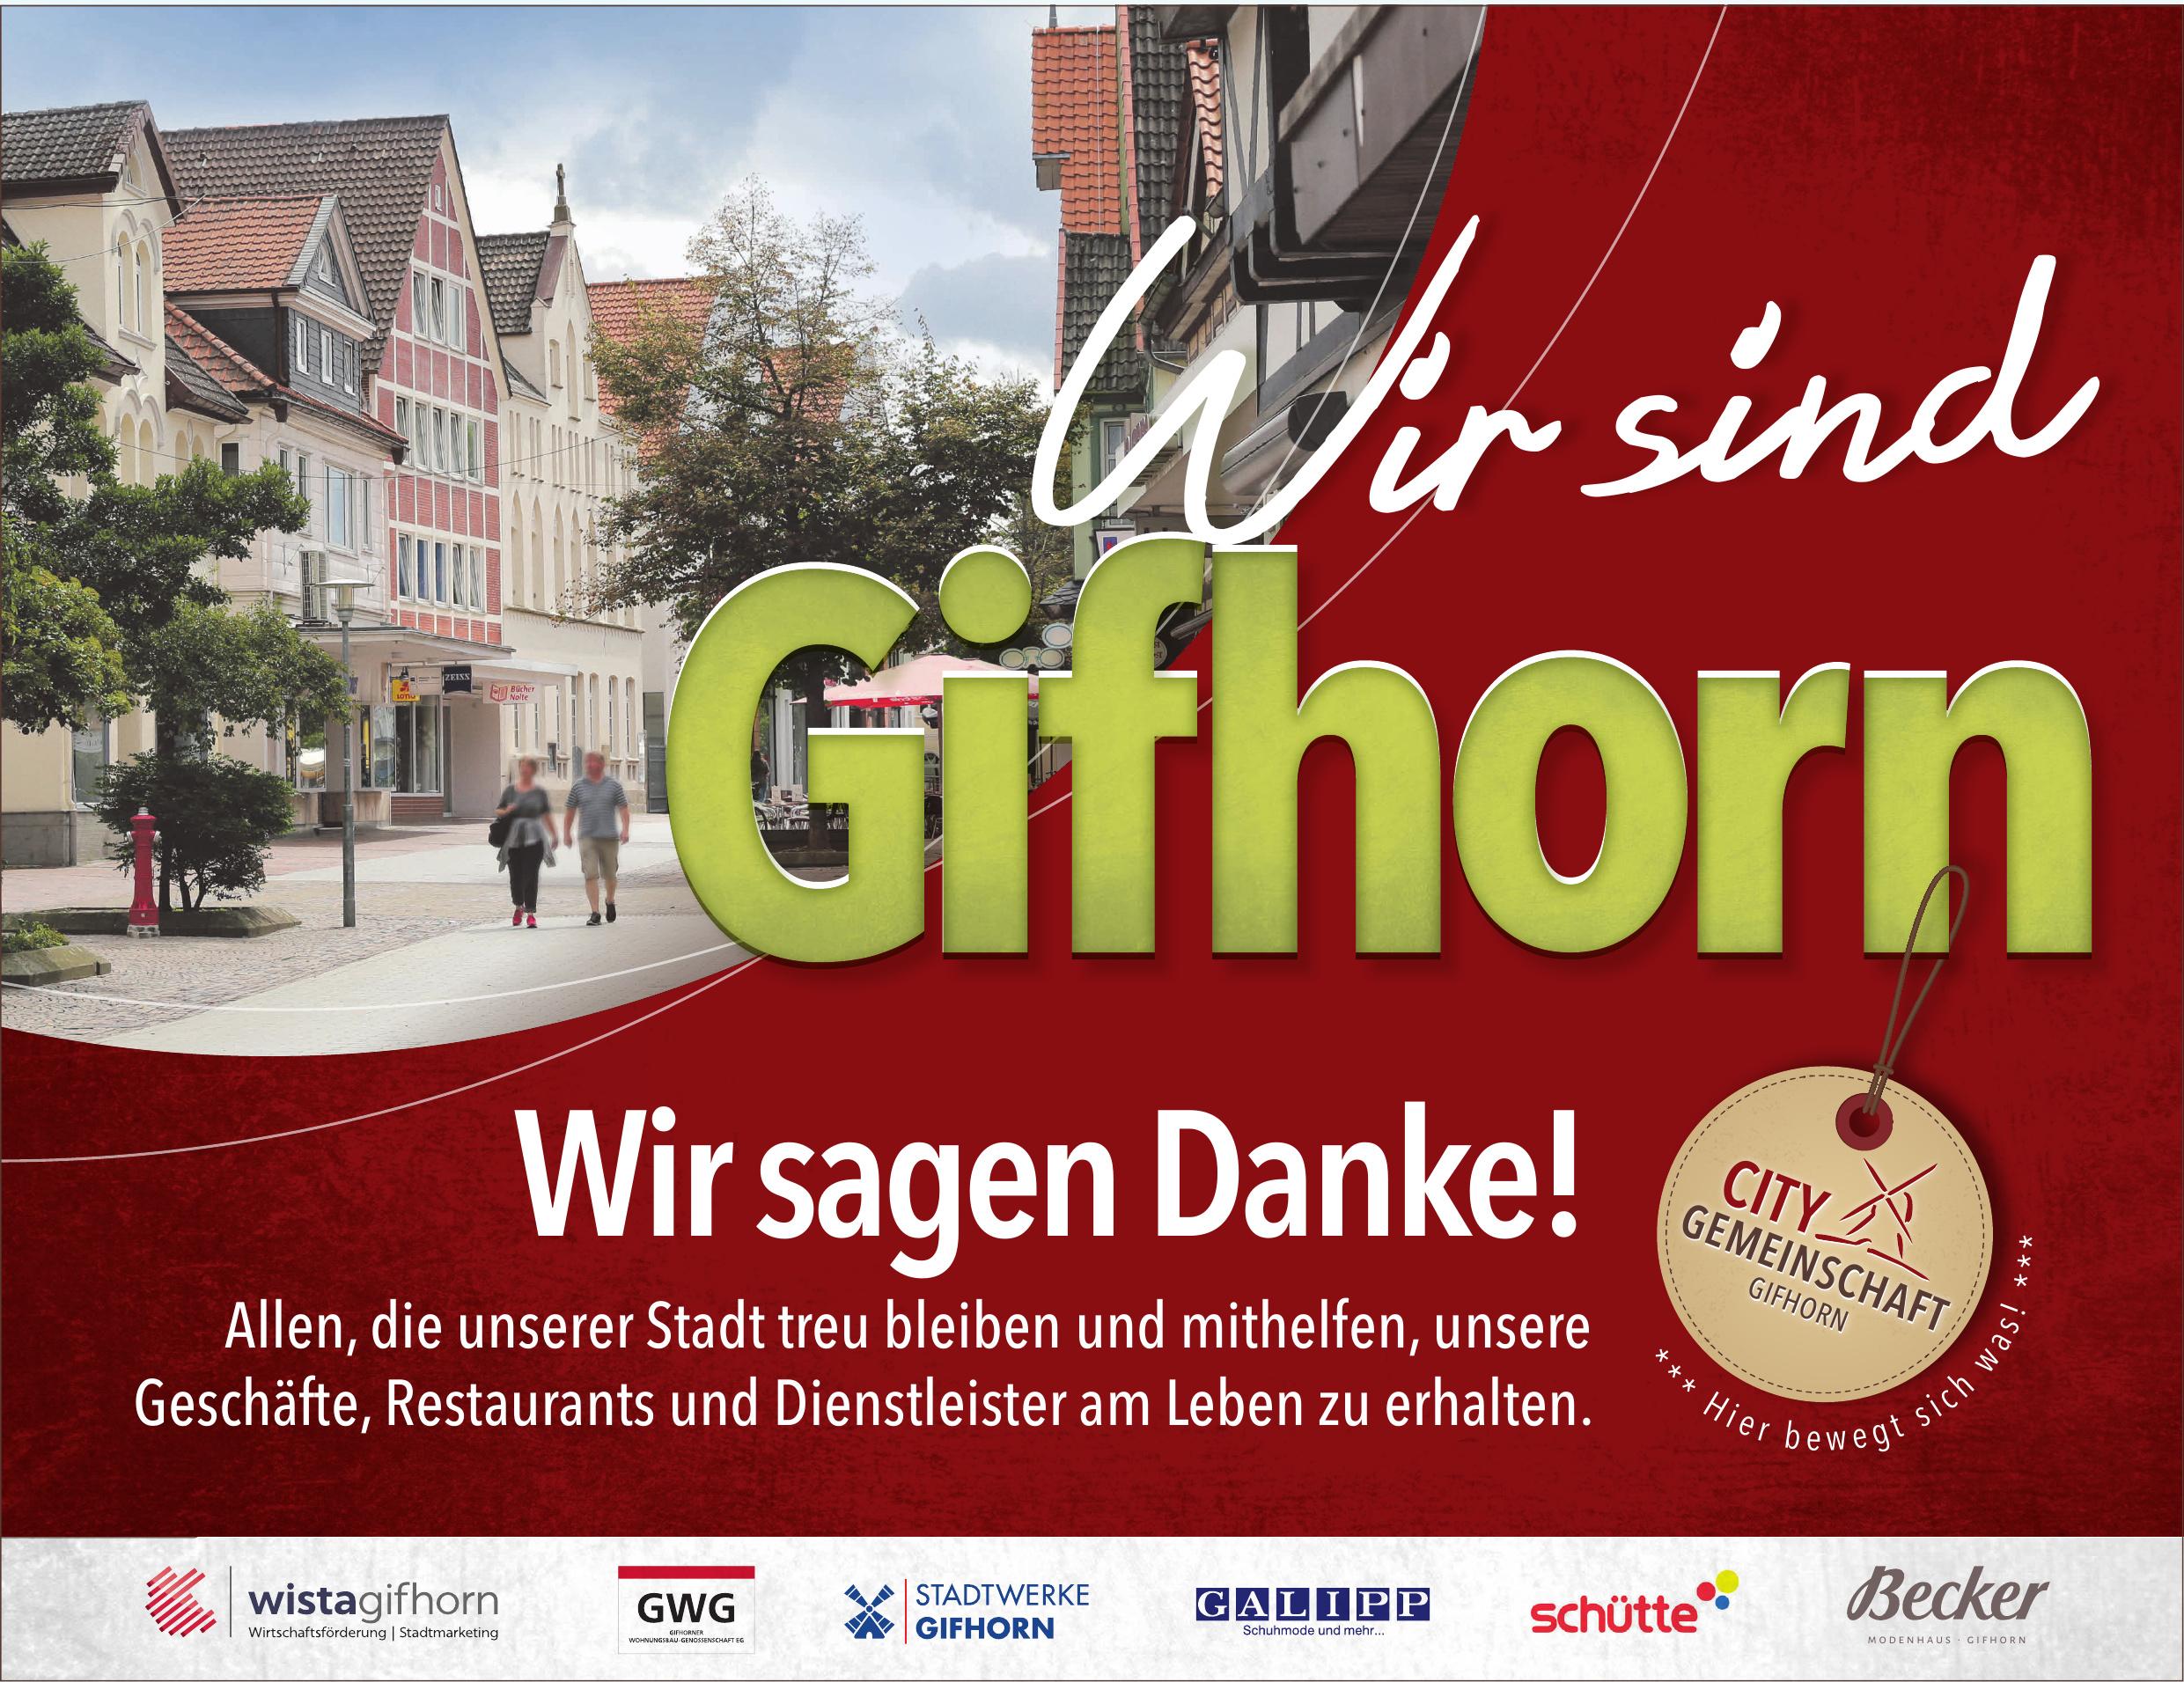 City Gemeinschaft Gifhorn